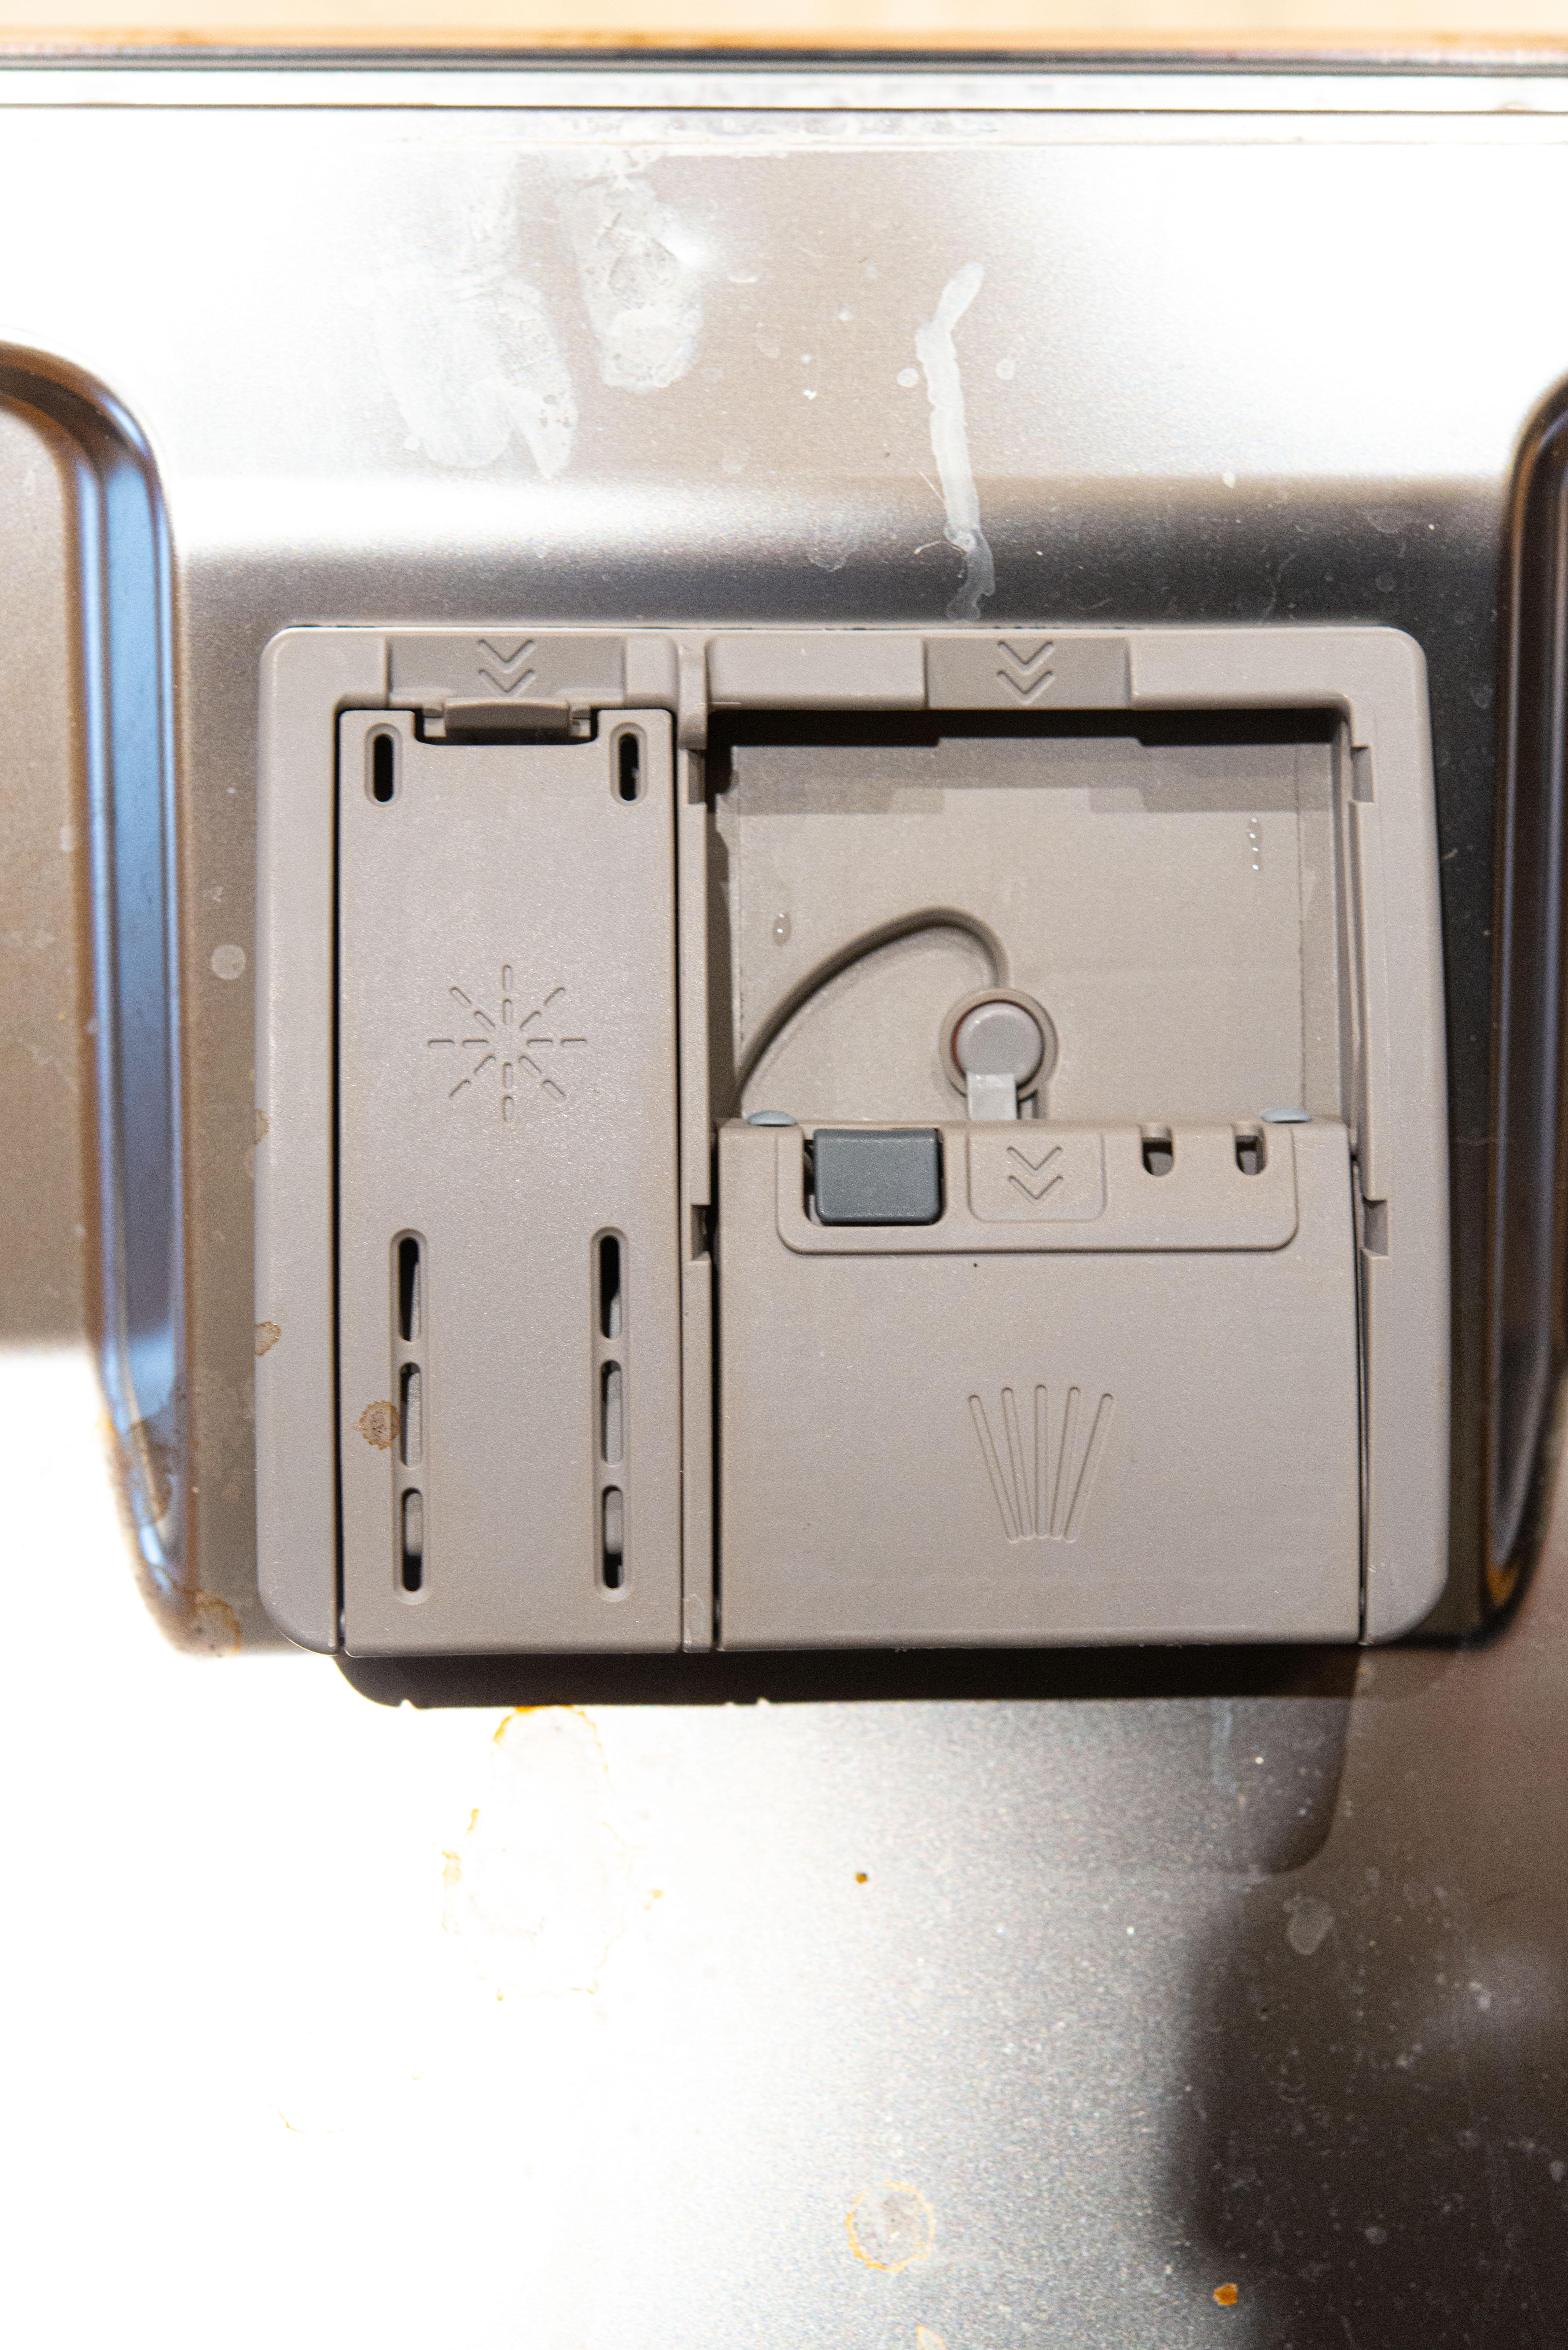 Dish washer locks.